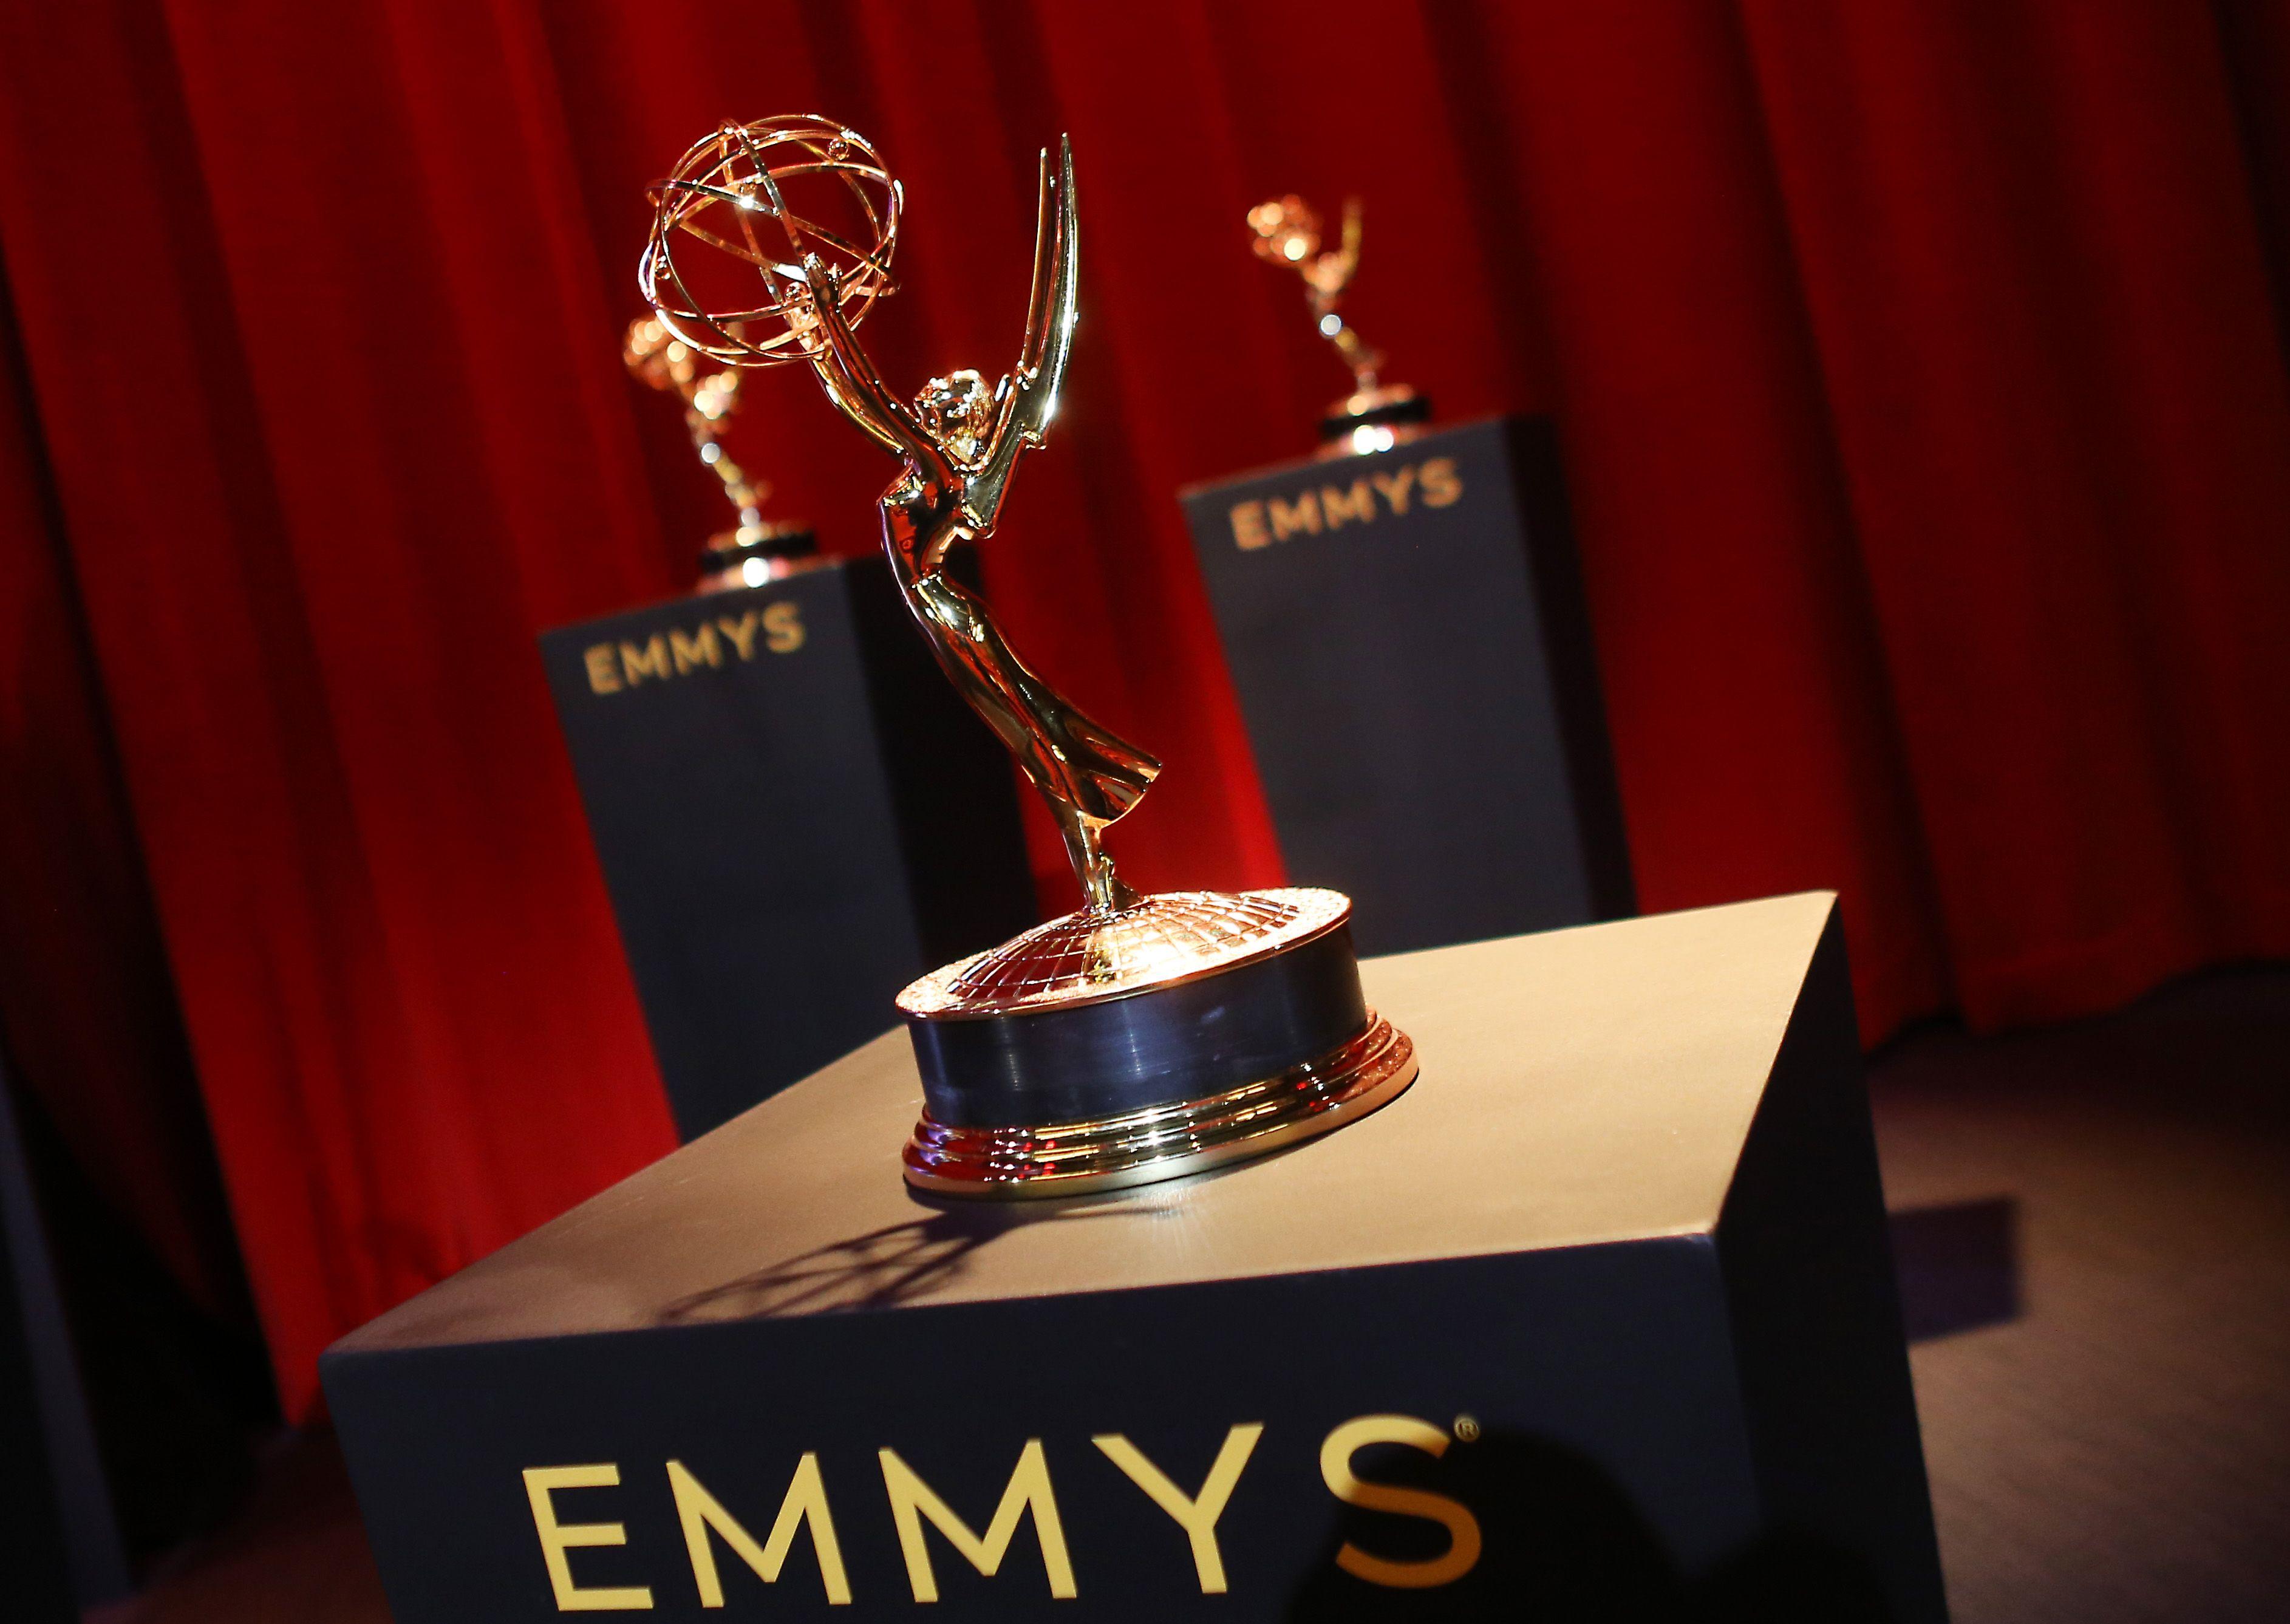 Emmy 2019 Nominados - Lista Completa Nominados Emmy 2019